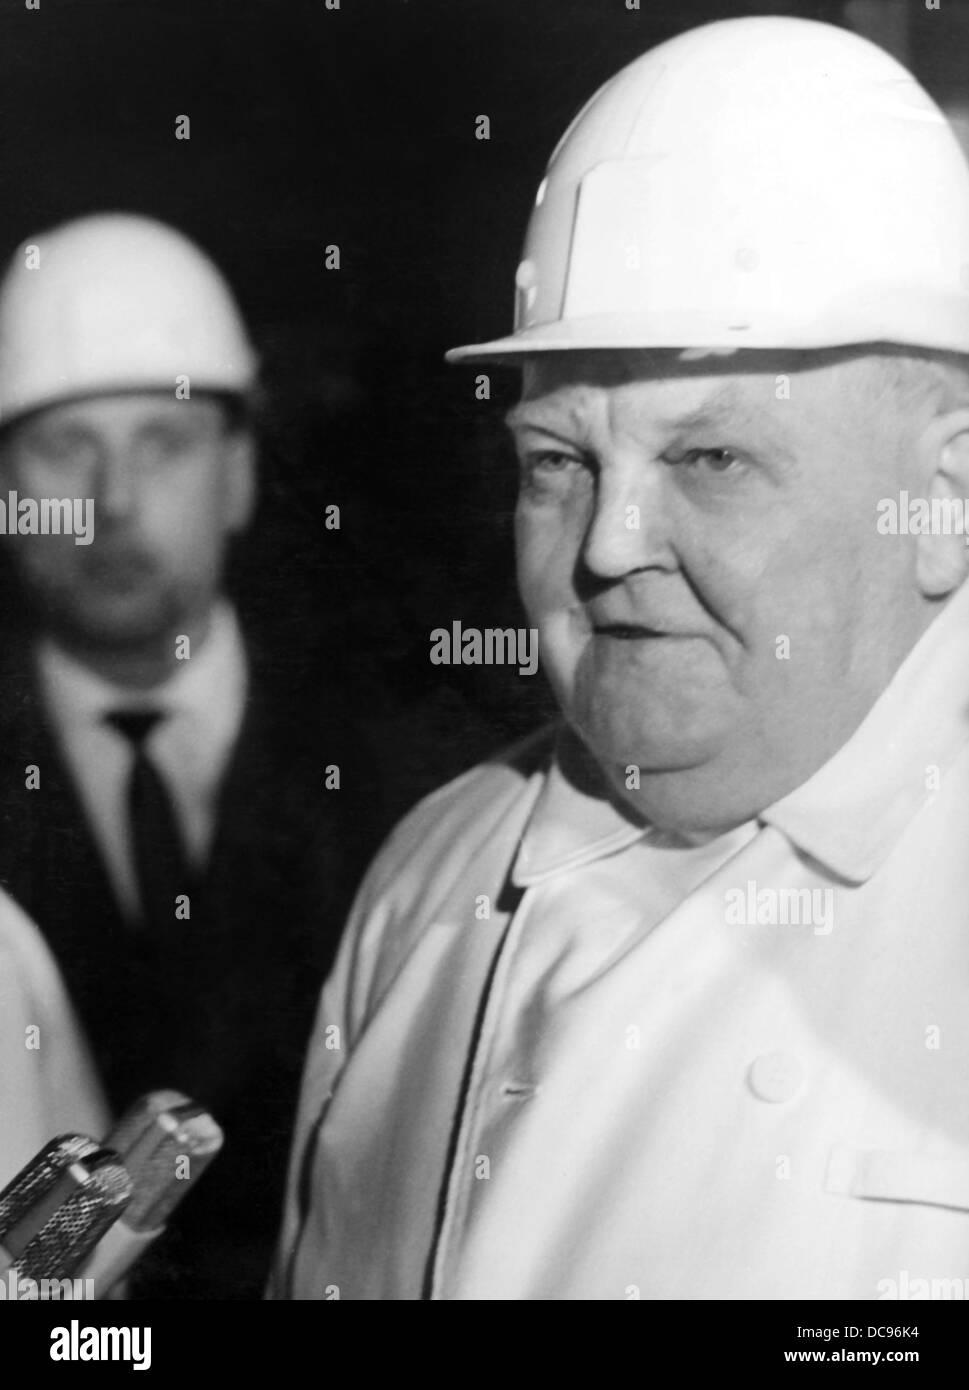 Chancelier Ludwig Erhard porte un casque de sécurité et les vêtements des mineurs pendant une visite à la mine de charbon dans la région de Herne le 2 avril en 1965. Banque D'Images